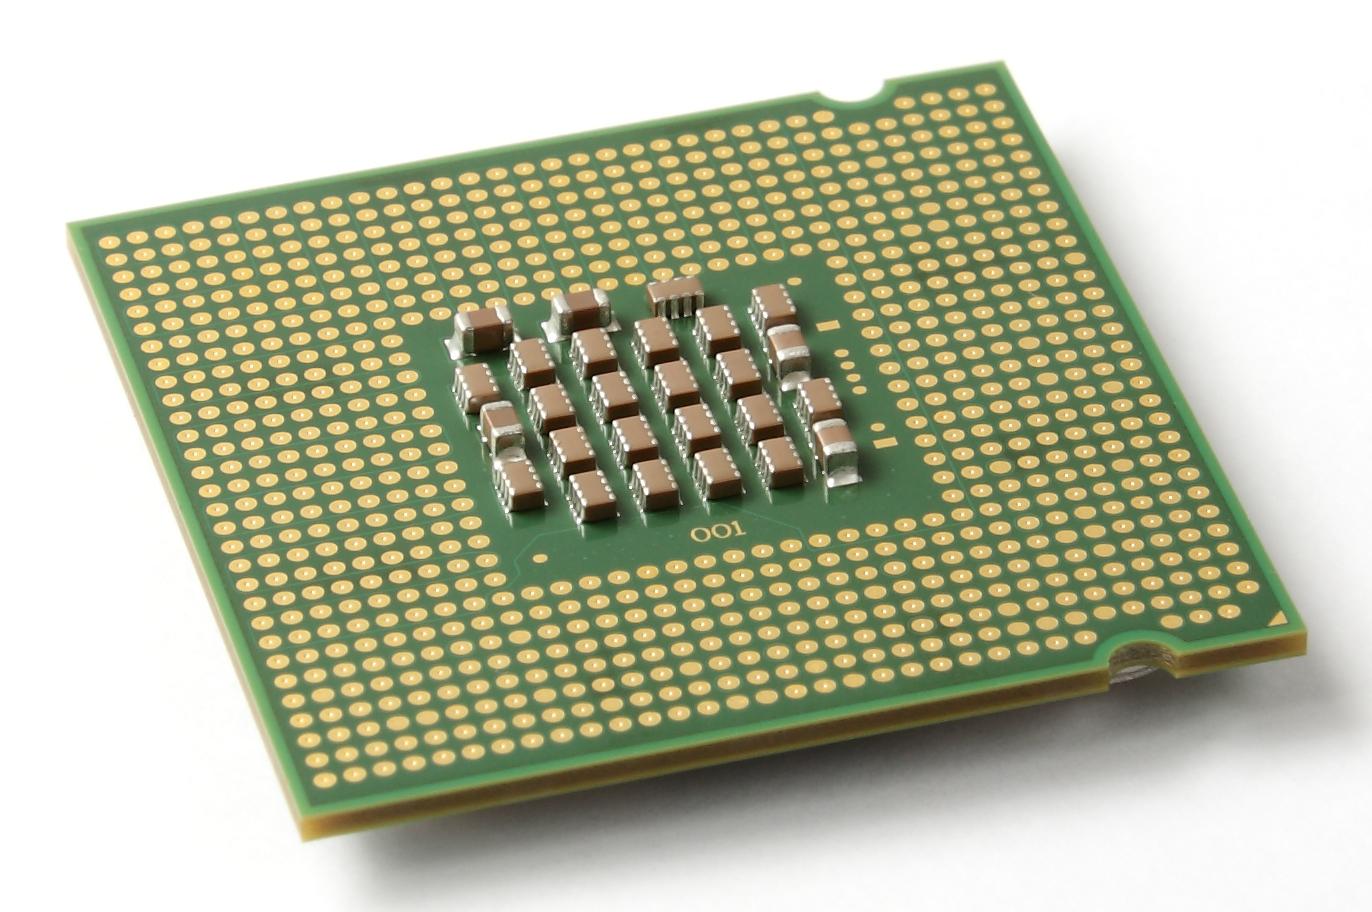 intel_cpu_pentium_4_640_prescott_bottom